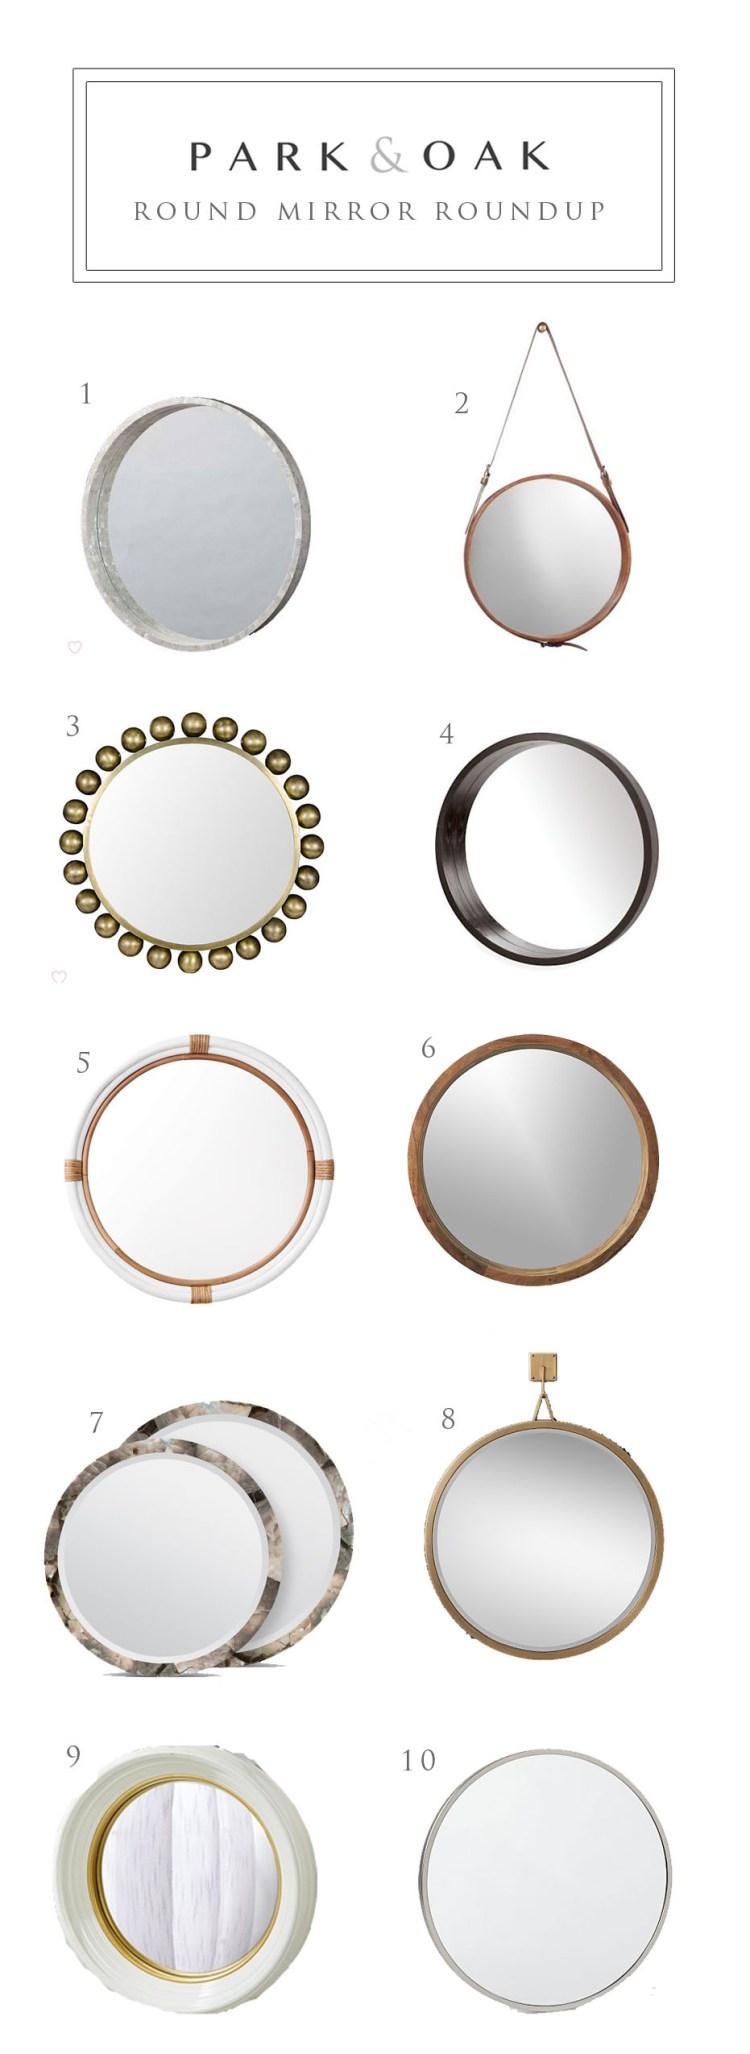 round mirror round up